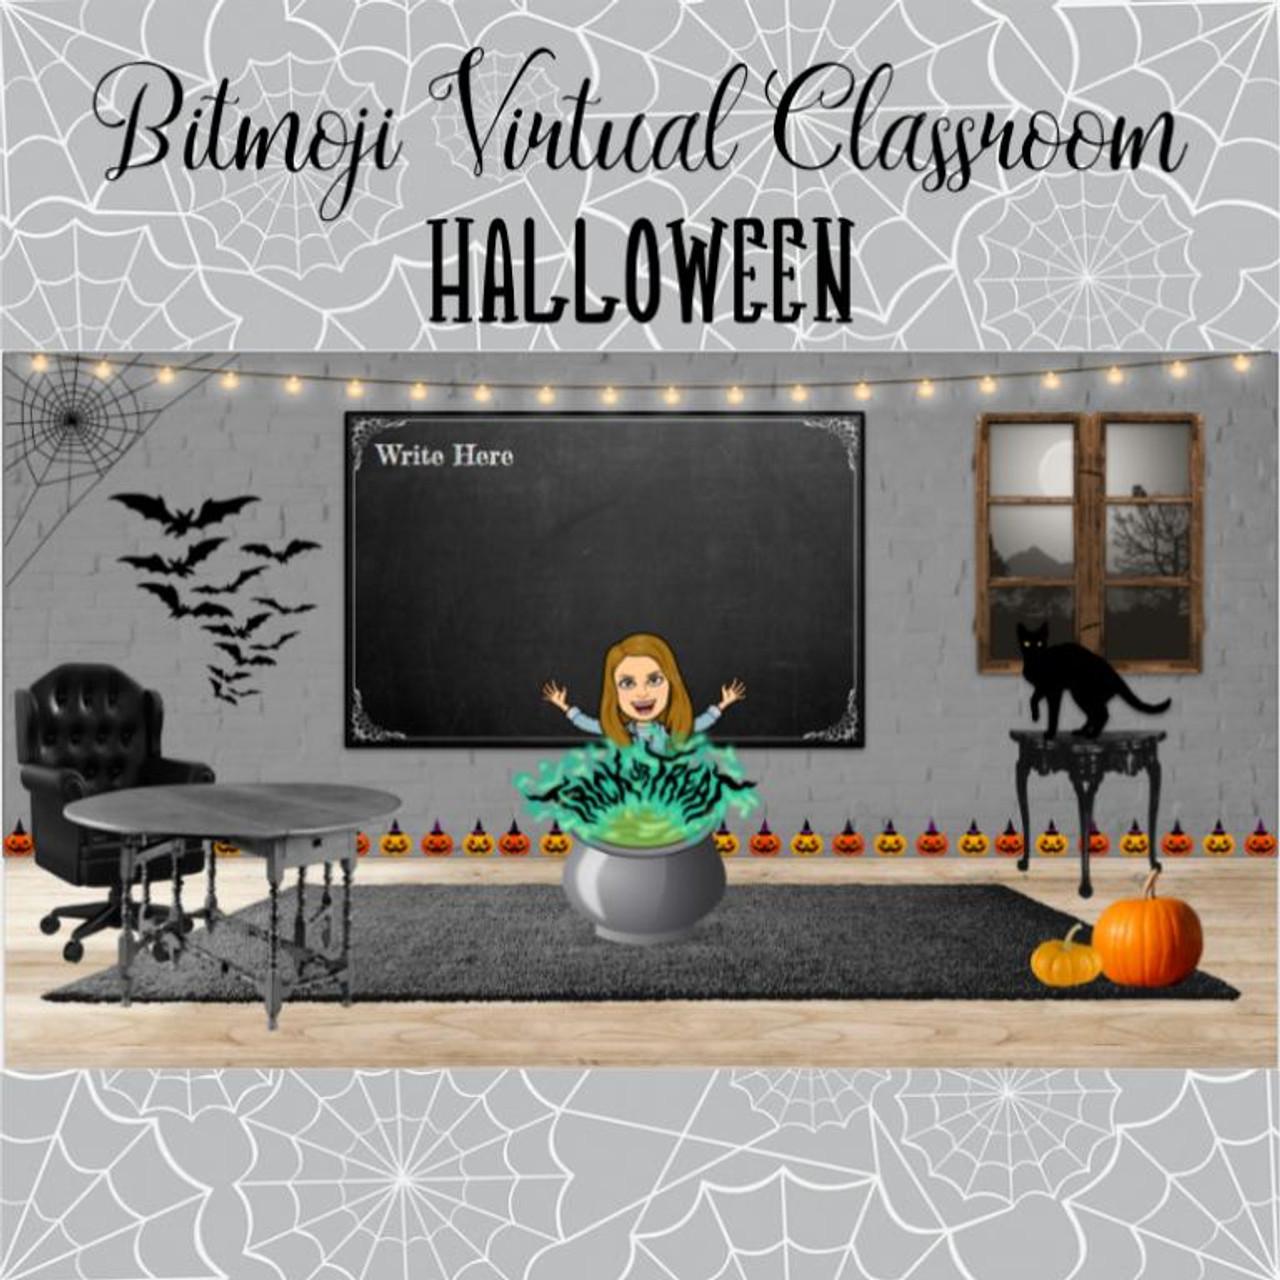 Bitmojij Virtual Classroom - Halloween - Editable